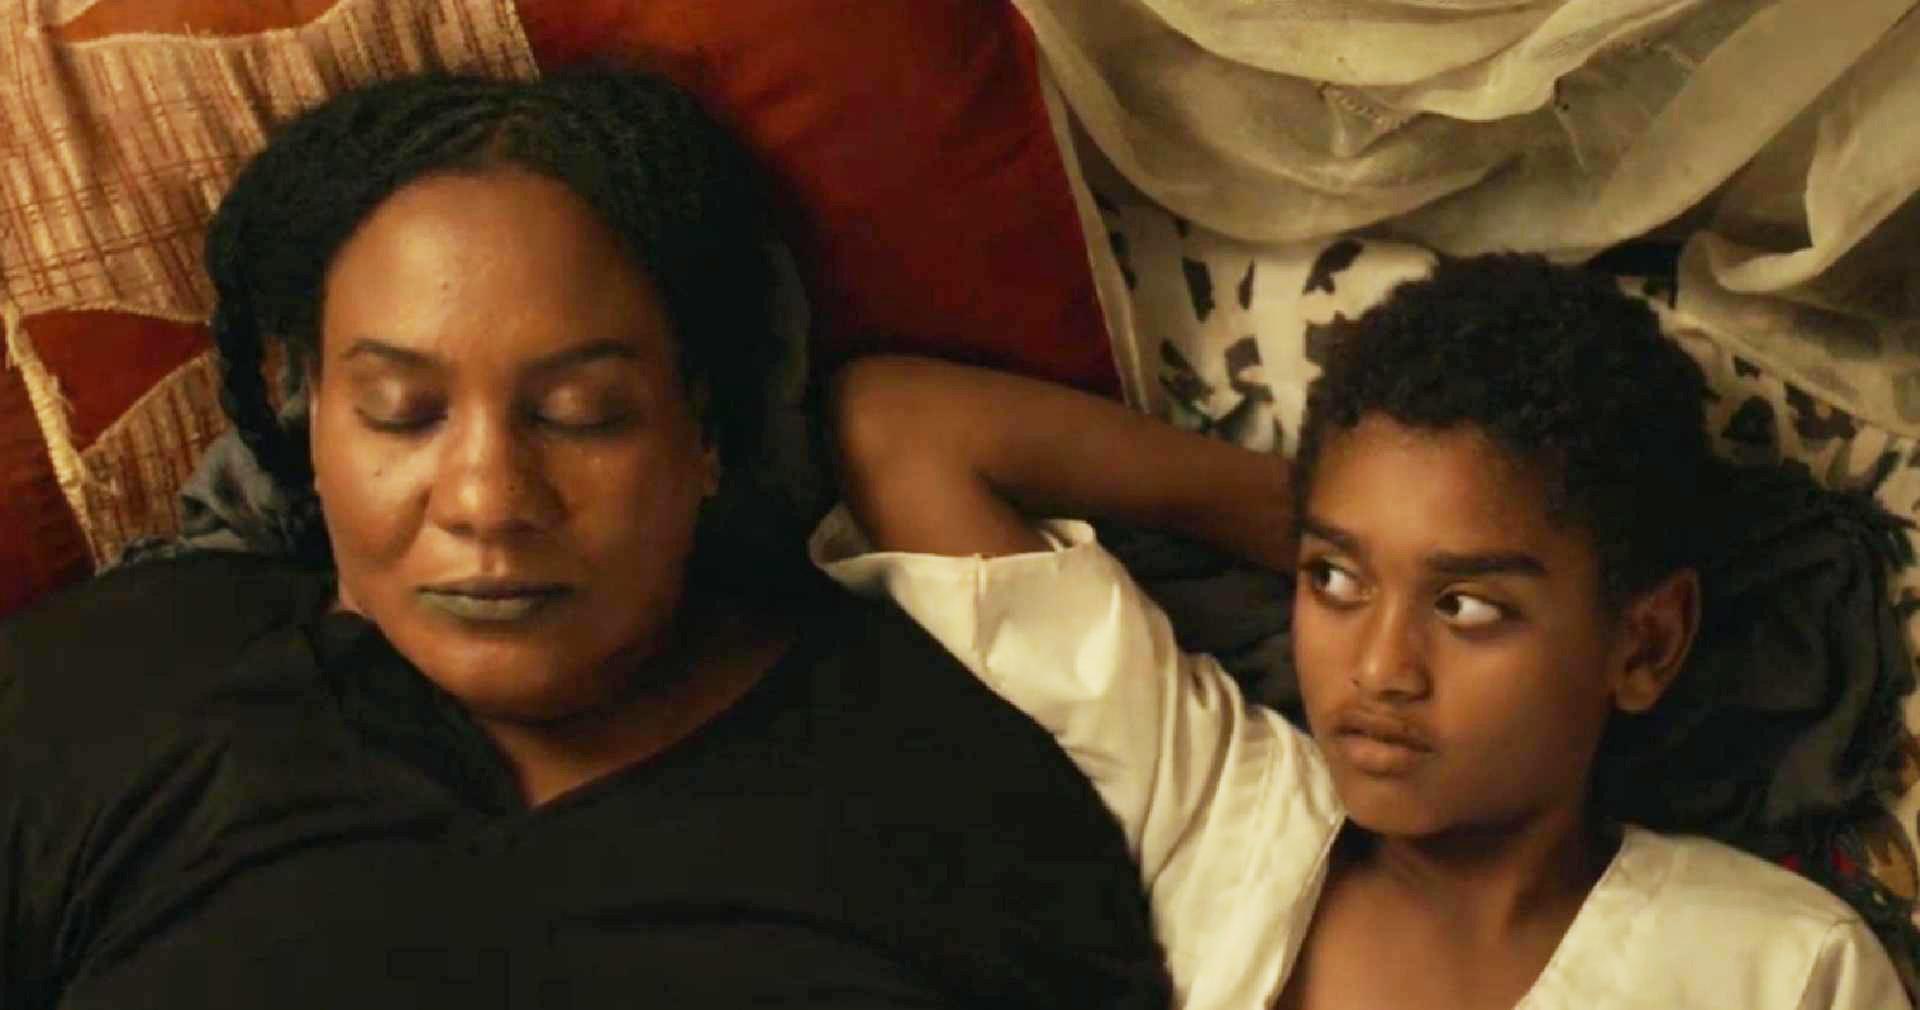 فيلم (ستموت في العشرين)…ما هي ردة فعل الممثلين ؟!